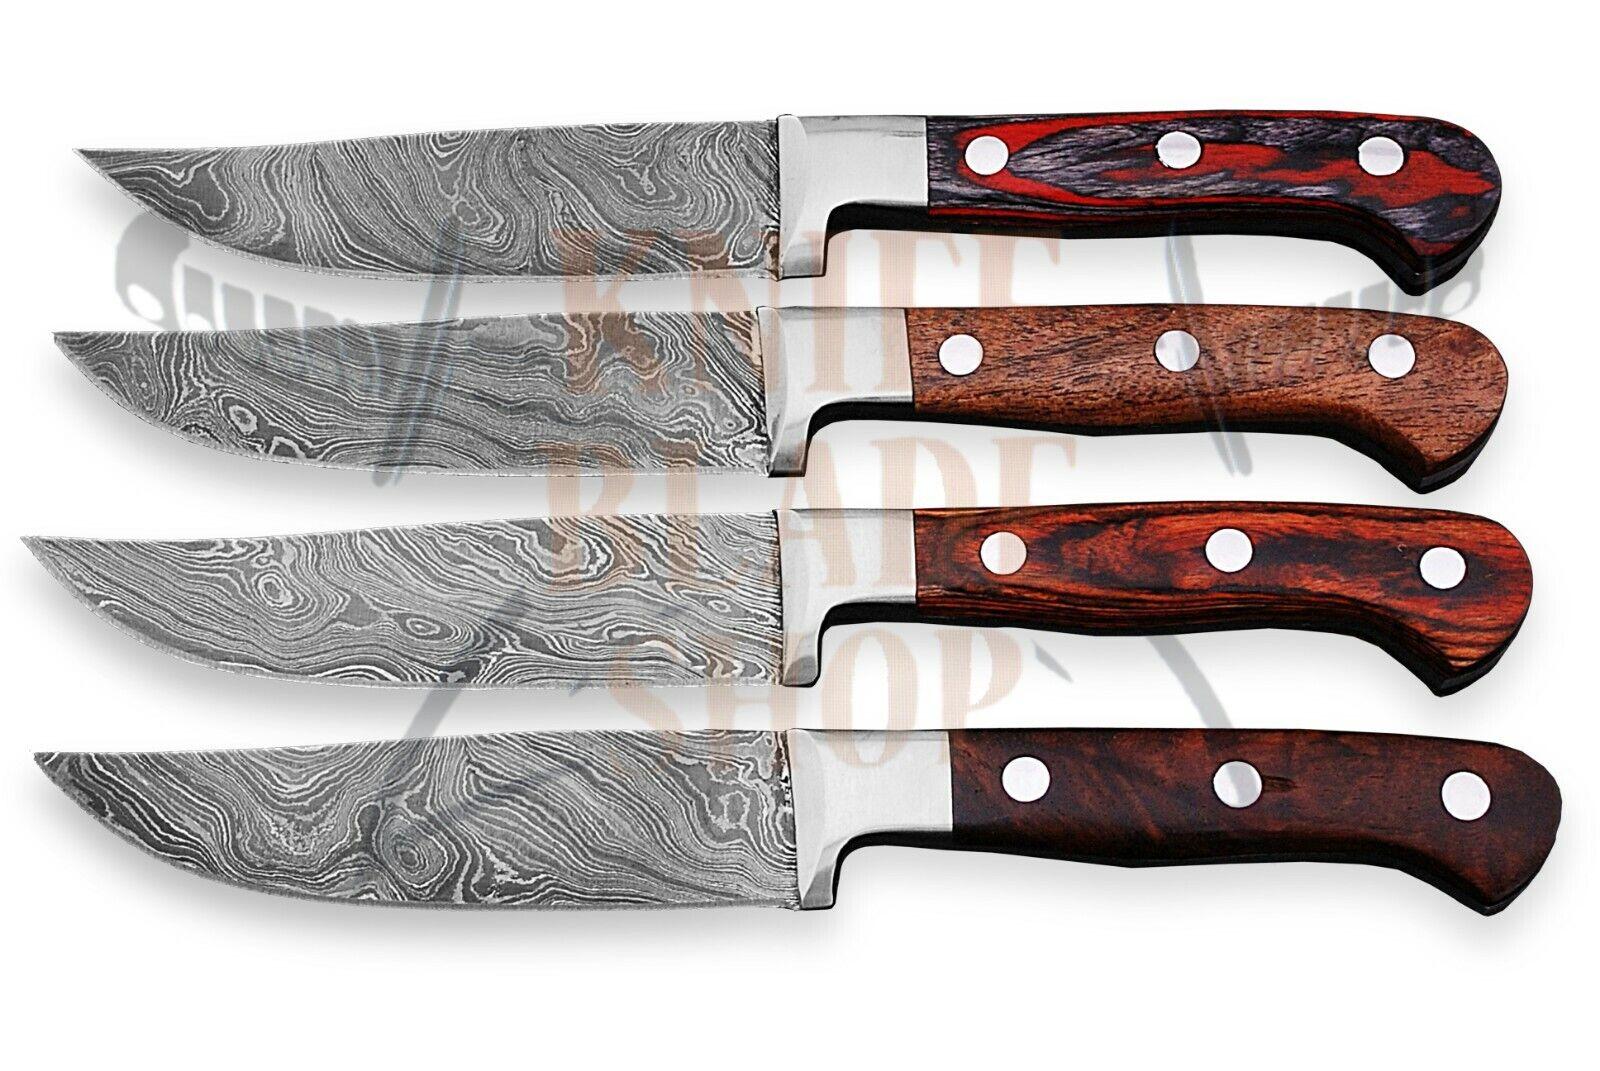 Damascus Steel  Blades ,STEAK Knife set     04 piece